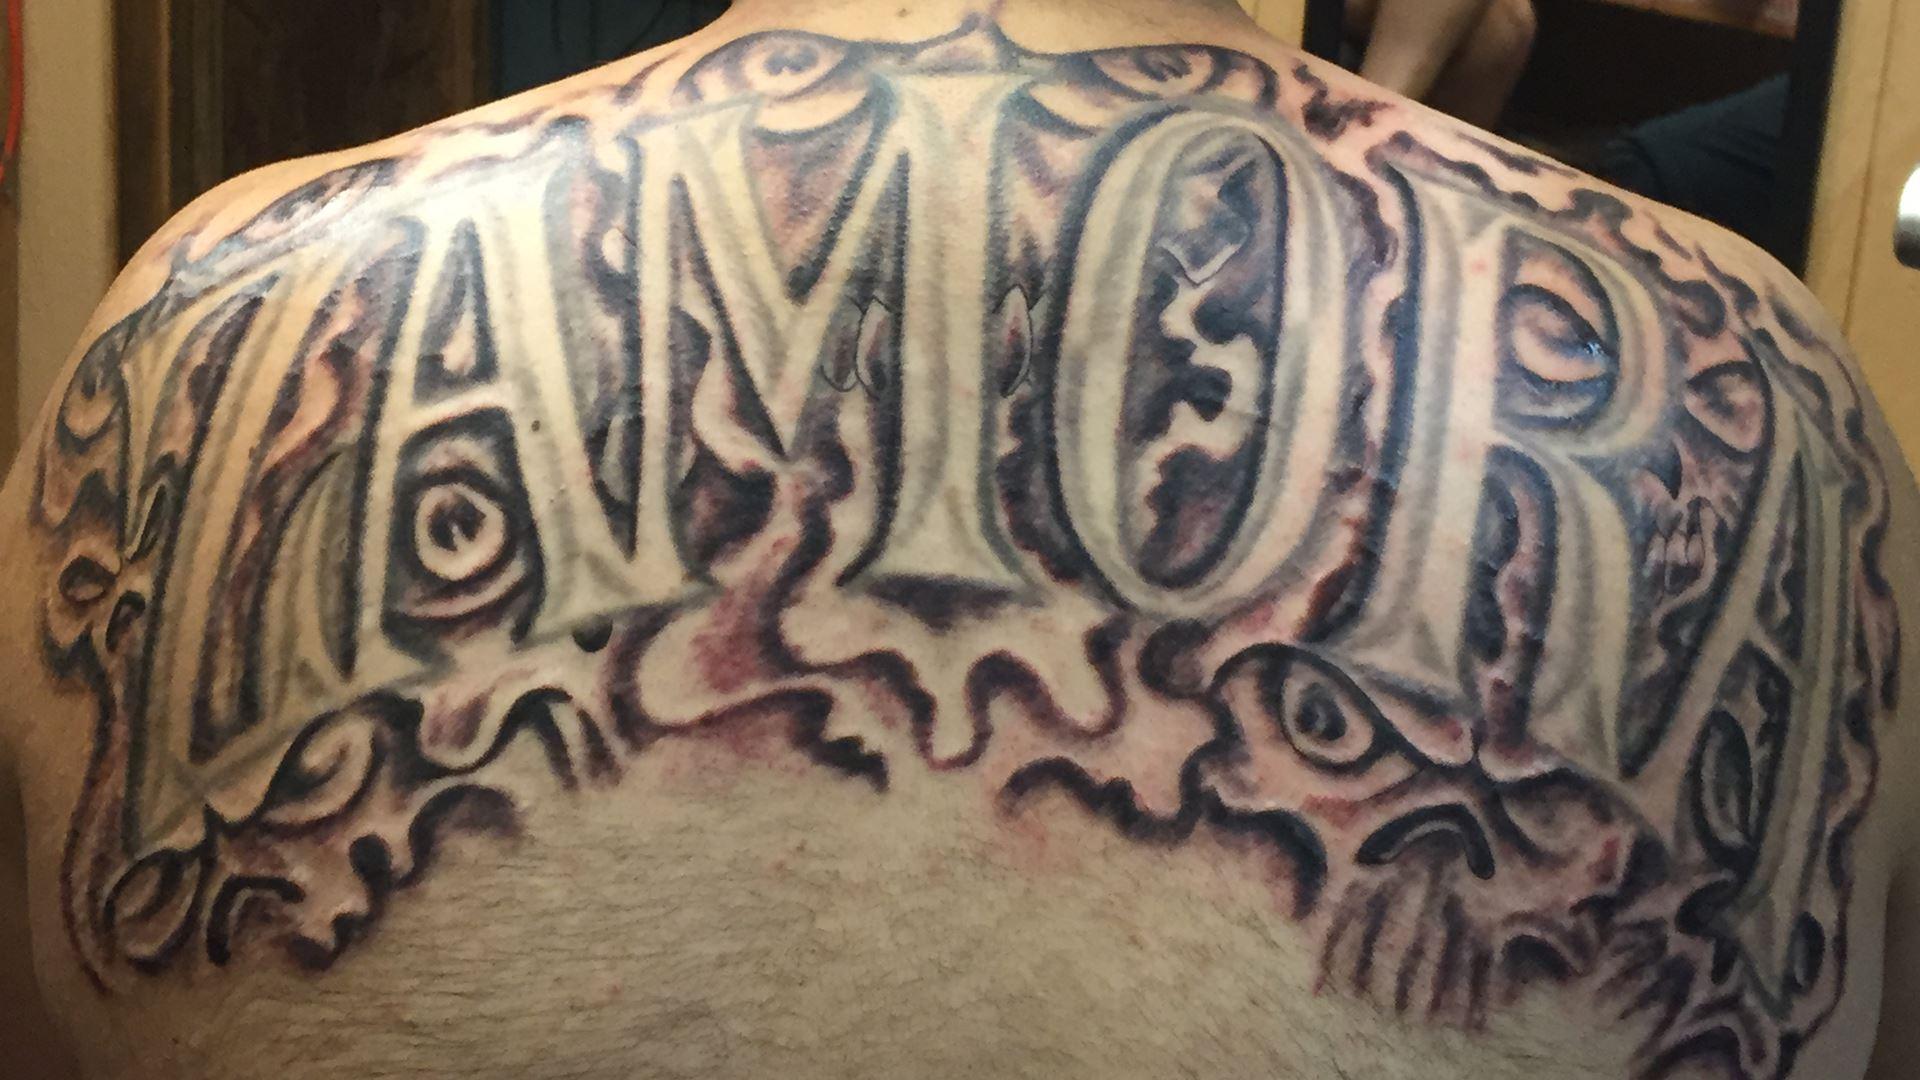 Southern Boys Tattoos Houston, TX